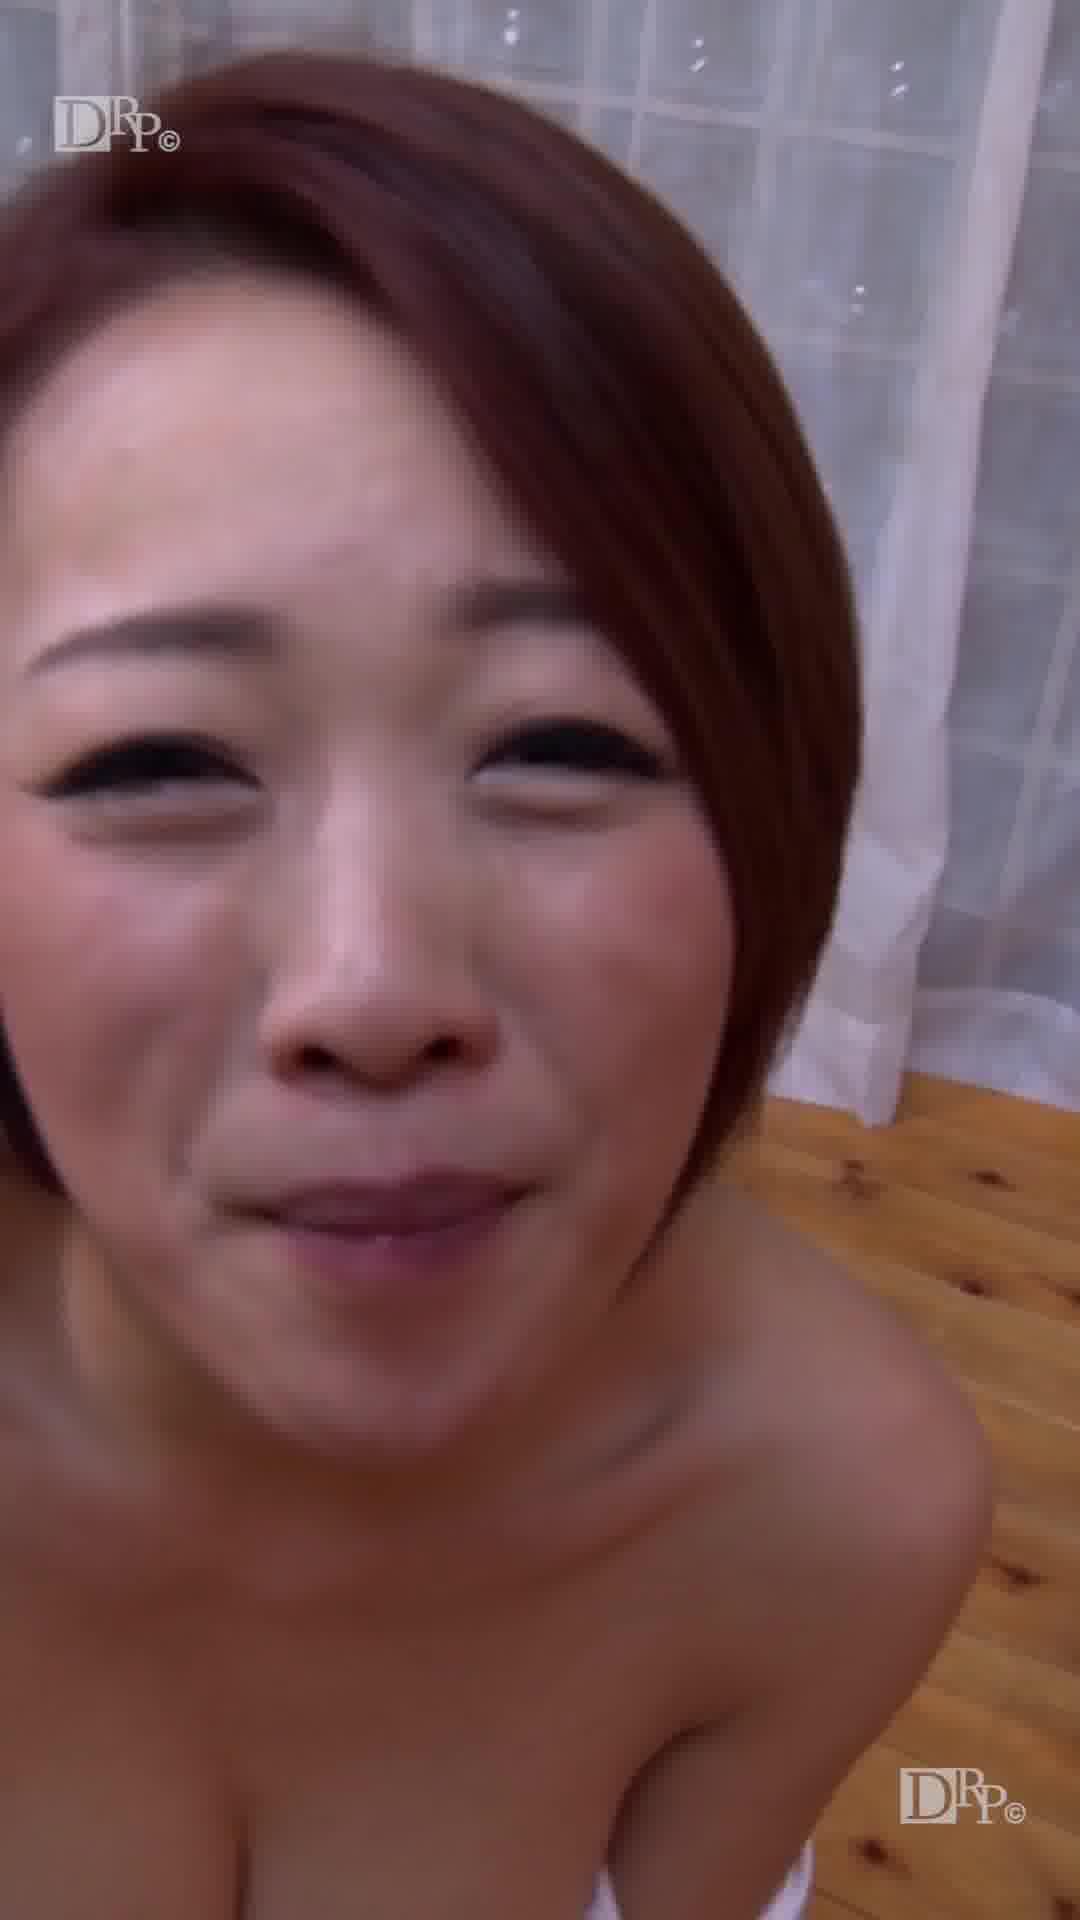 縦型動画 029 ~精子を飲み込むけしからん女~ - 歩【オナニー・口内発射・ごっくん】